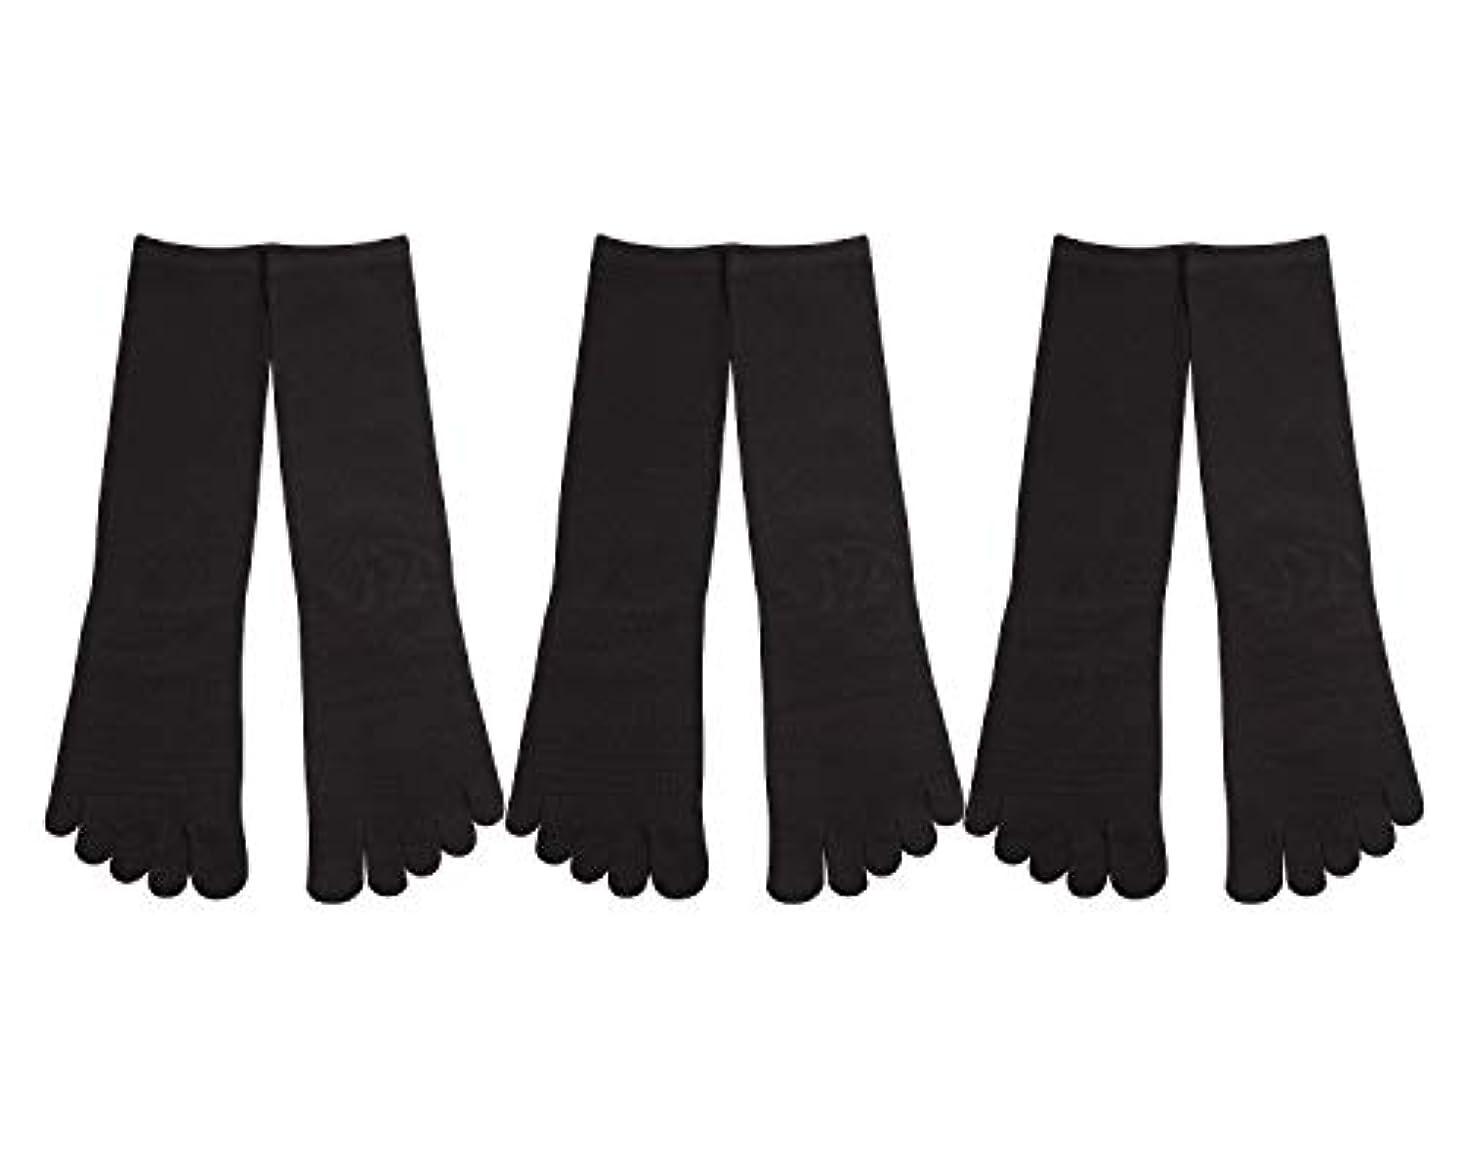 分析するメジャーミリメーターDeol(デオル) 5本指 靴下 男性用 黒 3足セット 25cm-27cm メンズ [足のニオイ対策] 長時間消臭 日本製 靴下